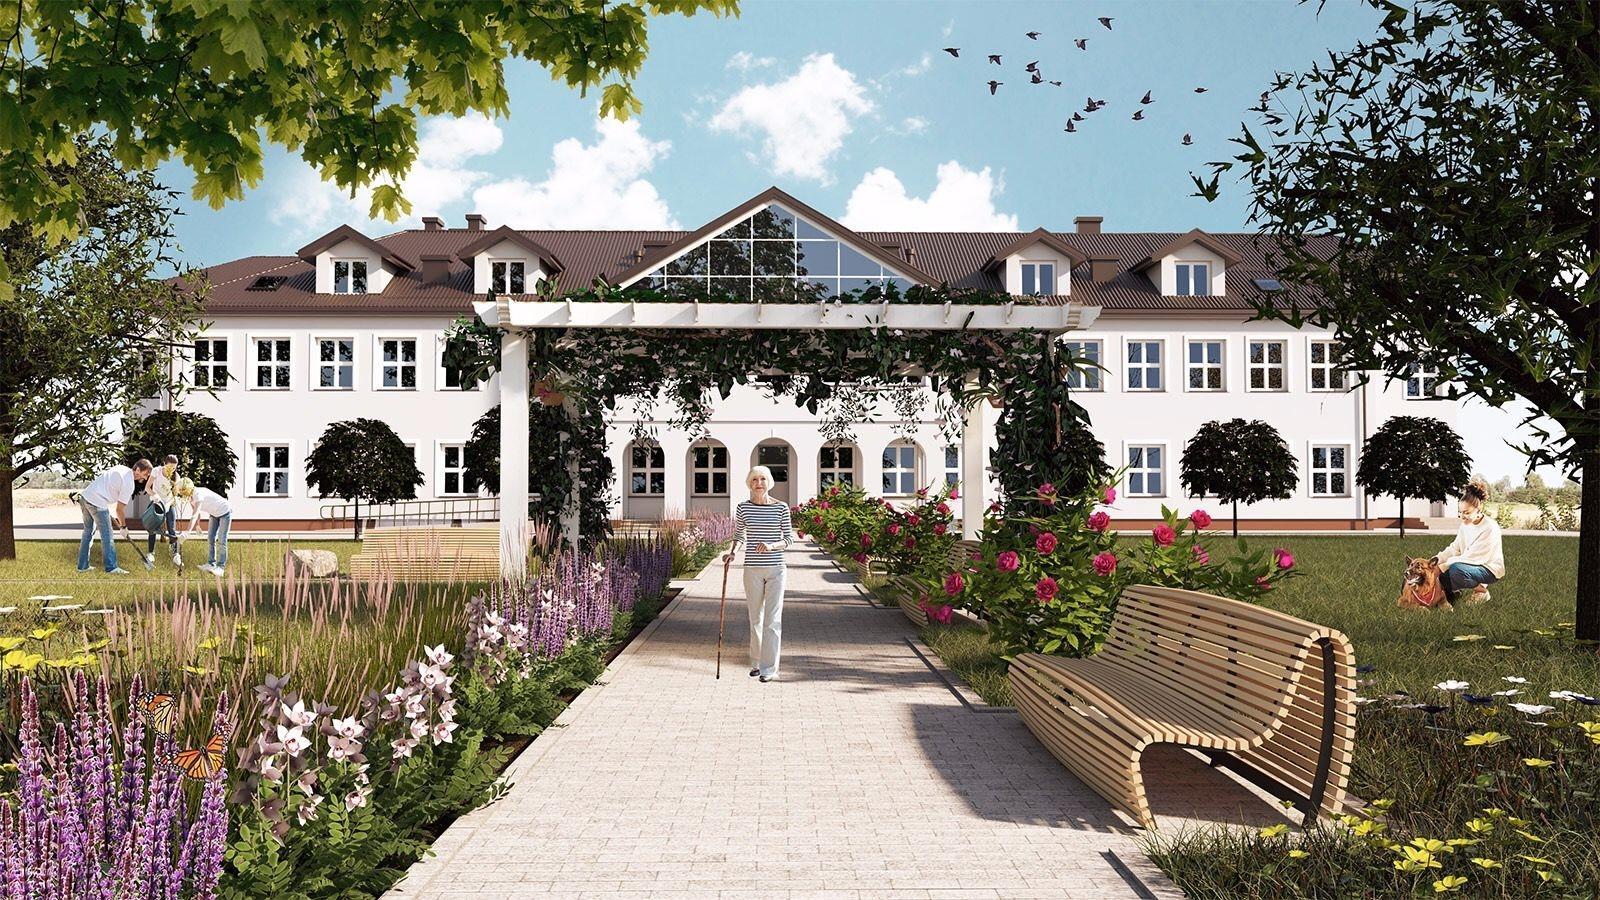 Villa Trojany - prywatny dom spokojnej starości